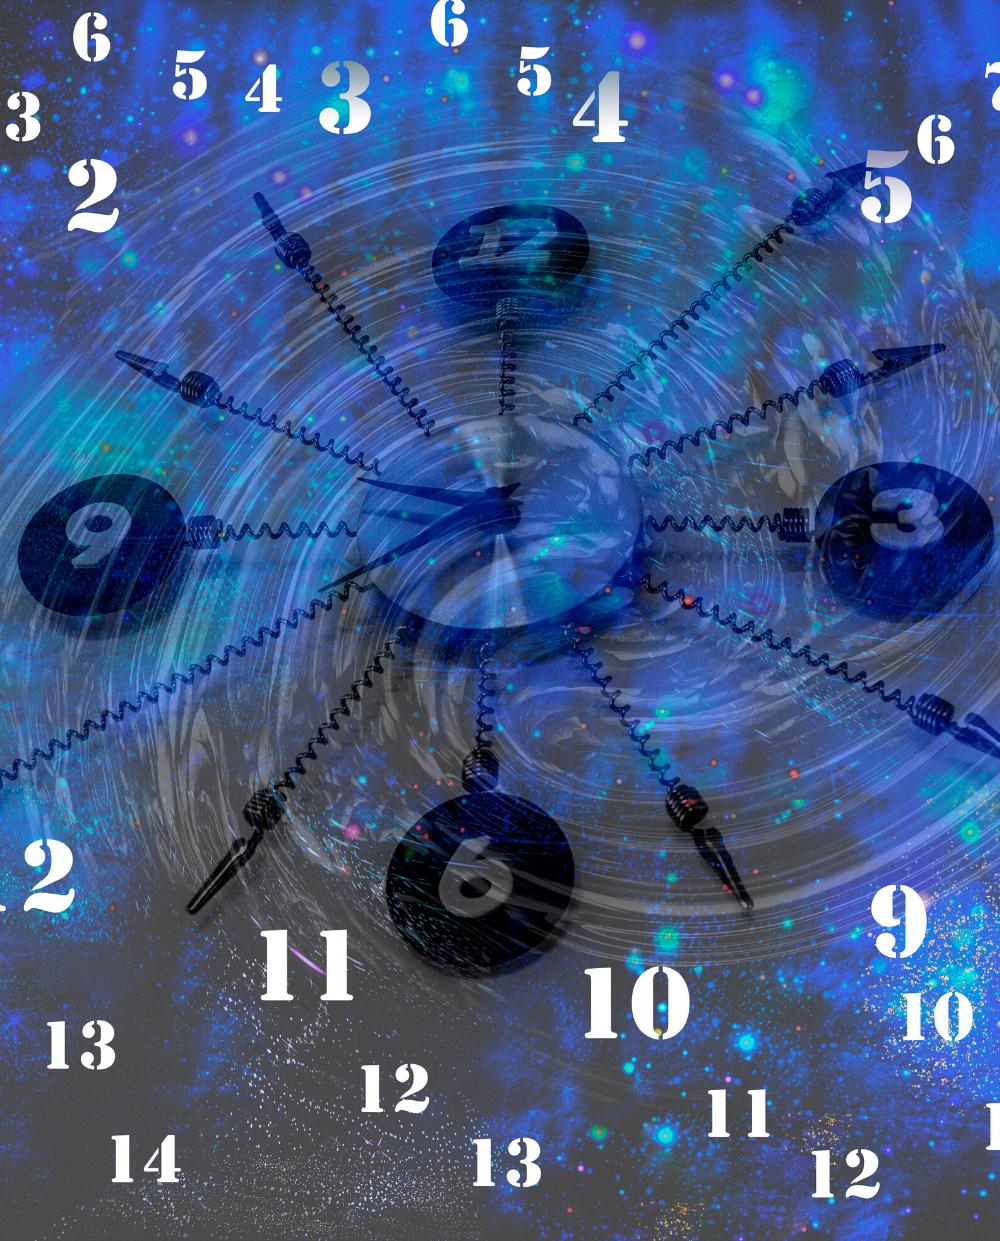 Horloge avec des chiffres gain de temps